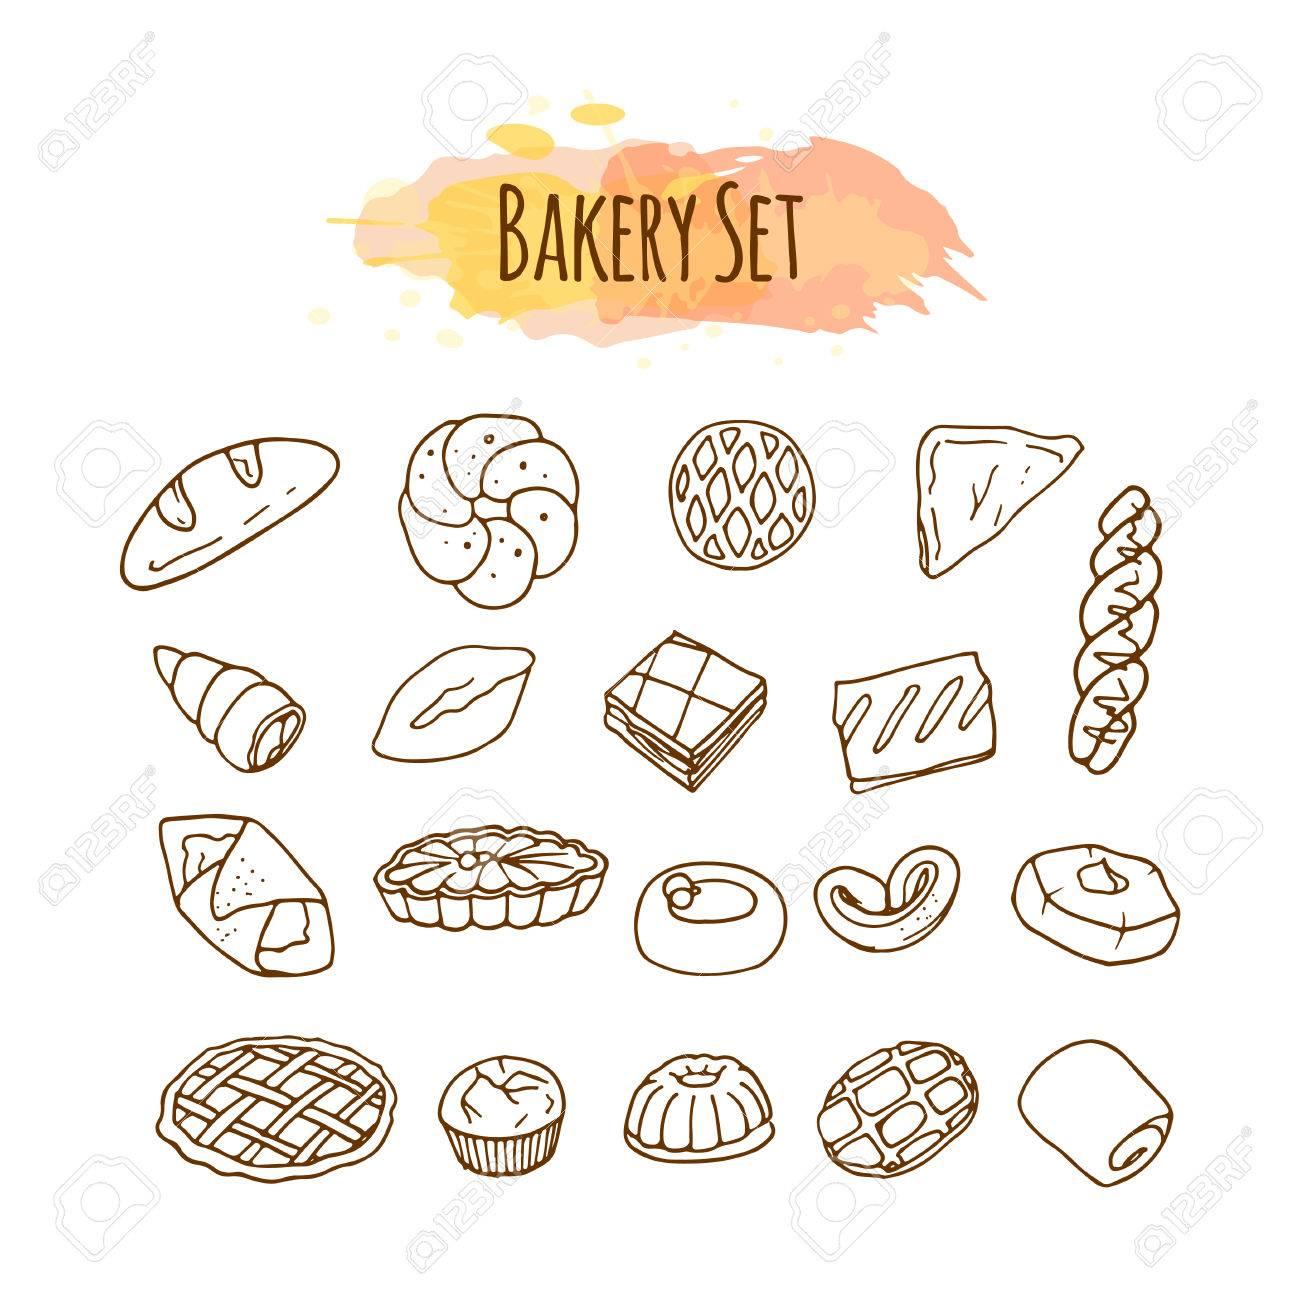 パン屋さんの要素お菓子のイラスト手描きベクトルを設定します